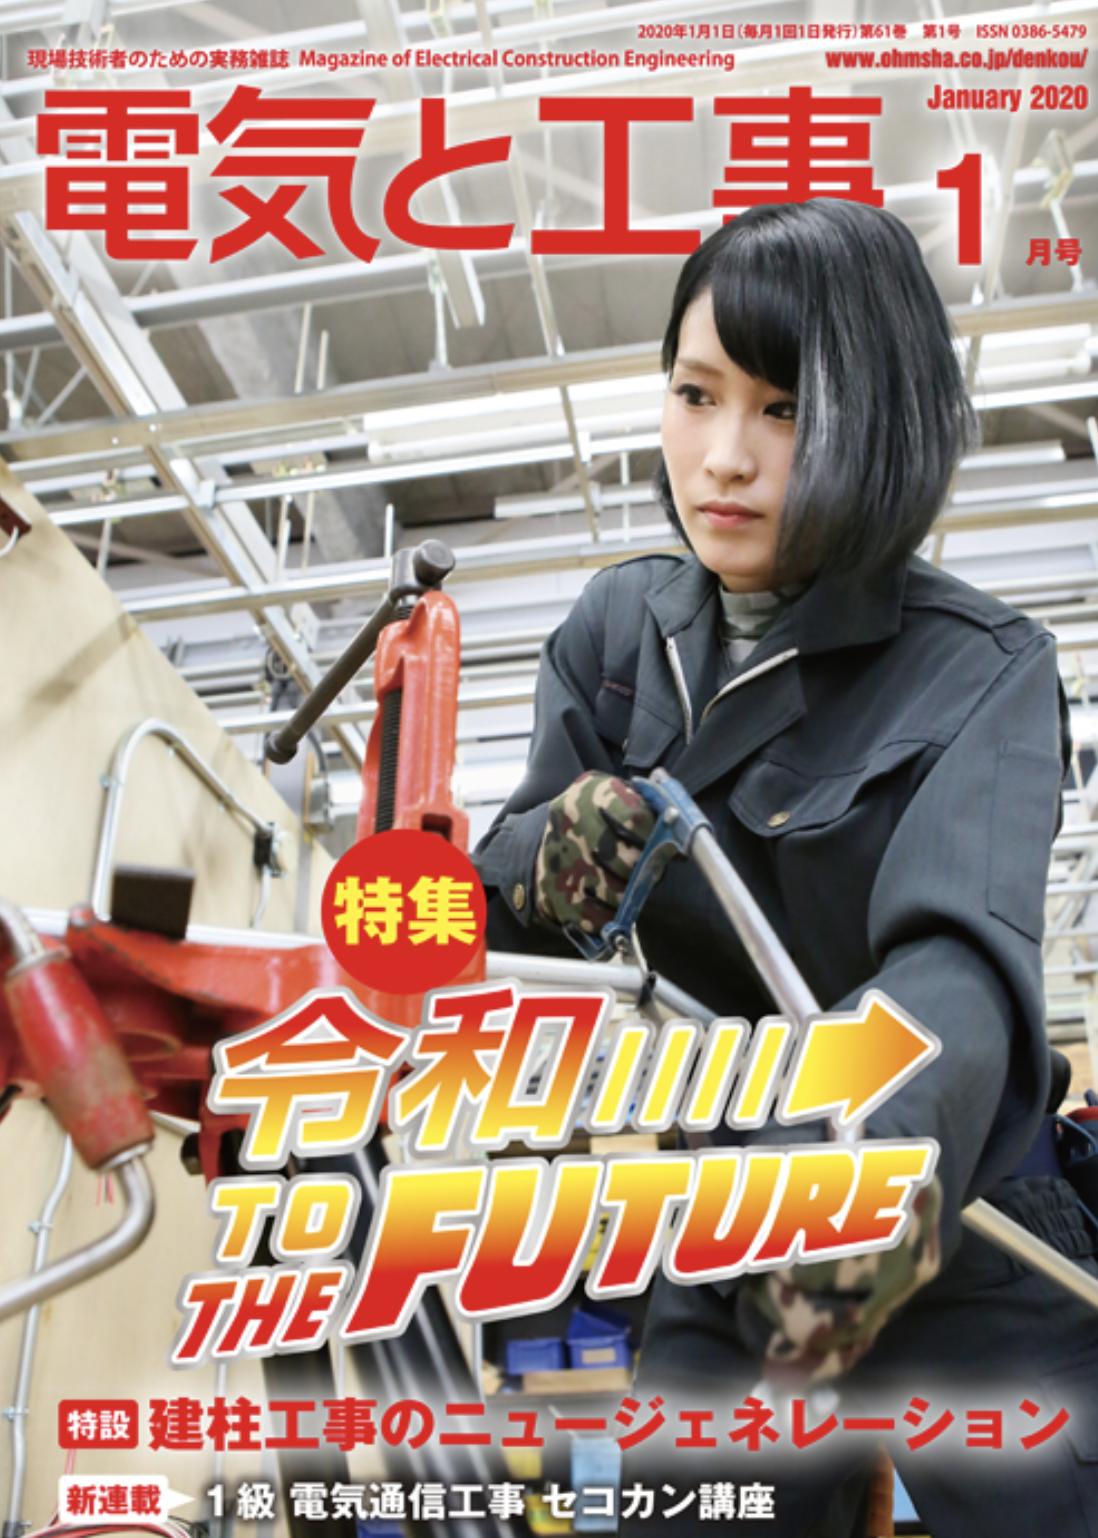 【新刊トピックス 2019年12月】電気と工事 2020年1月号 (第61巻第1号通巻795号)の画像